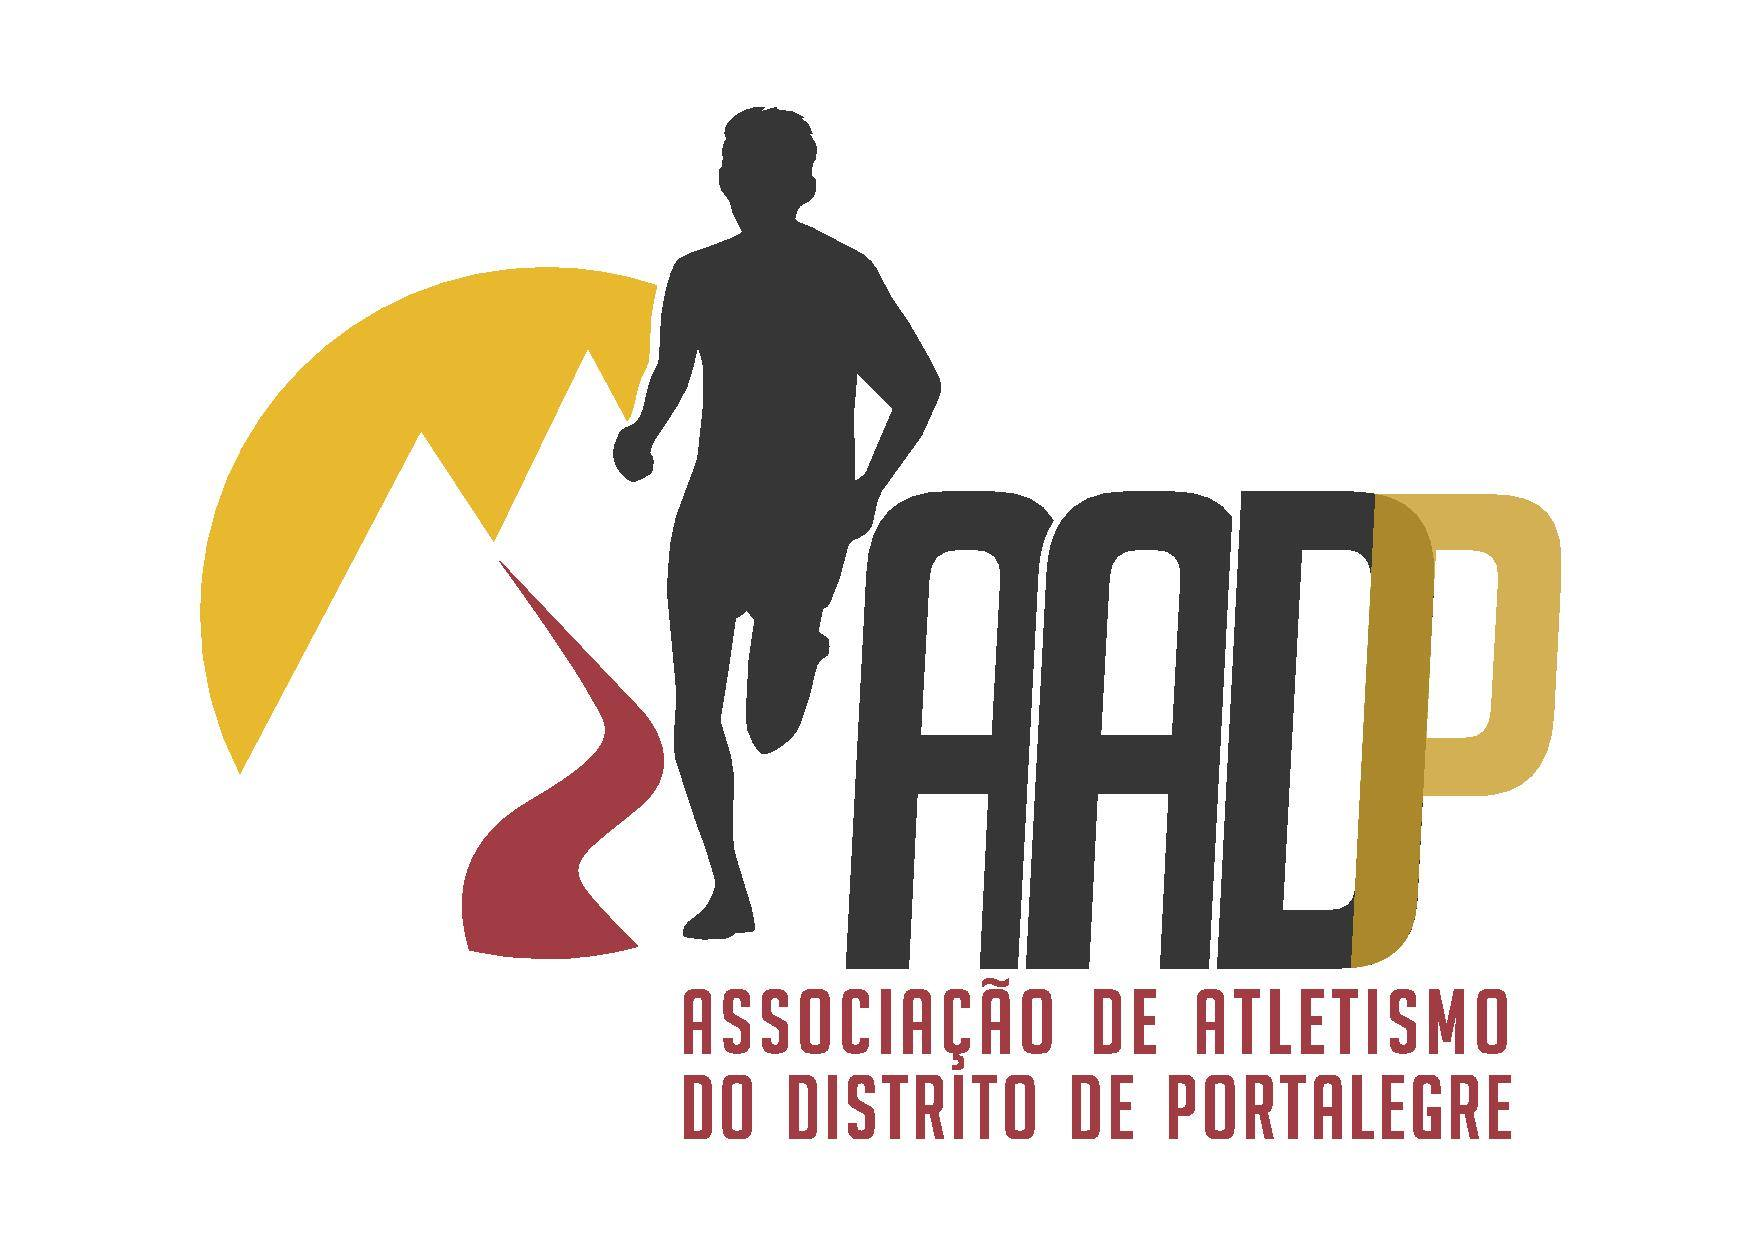 Associação Atletismo Distrito Portalegre